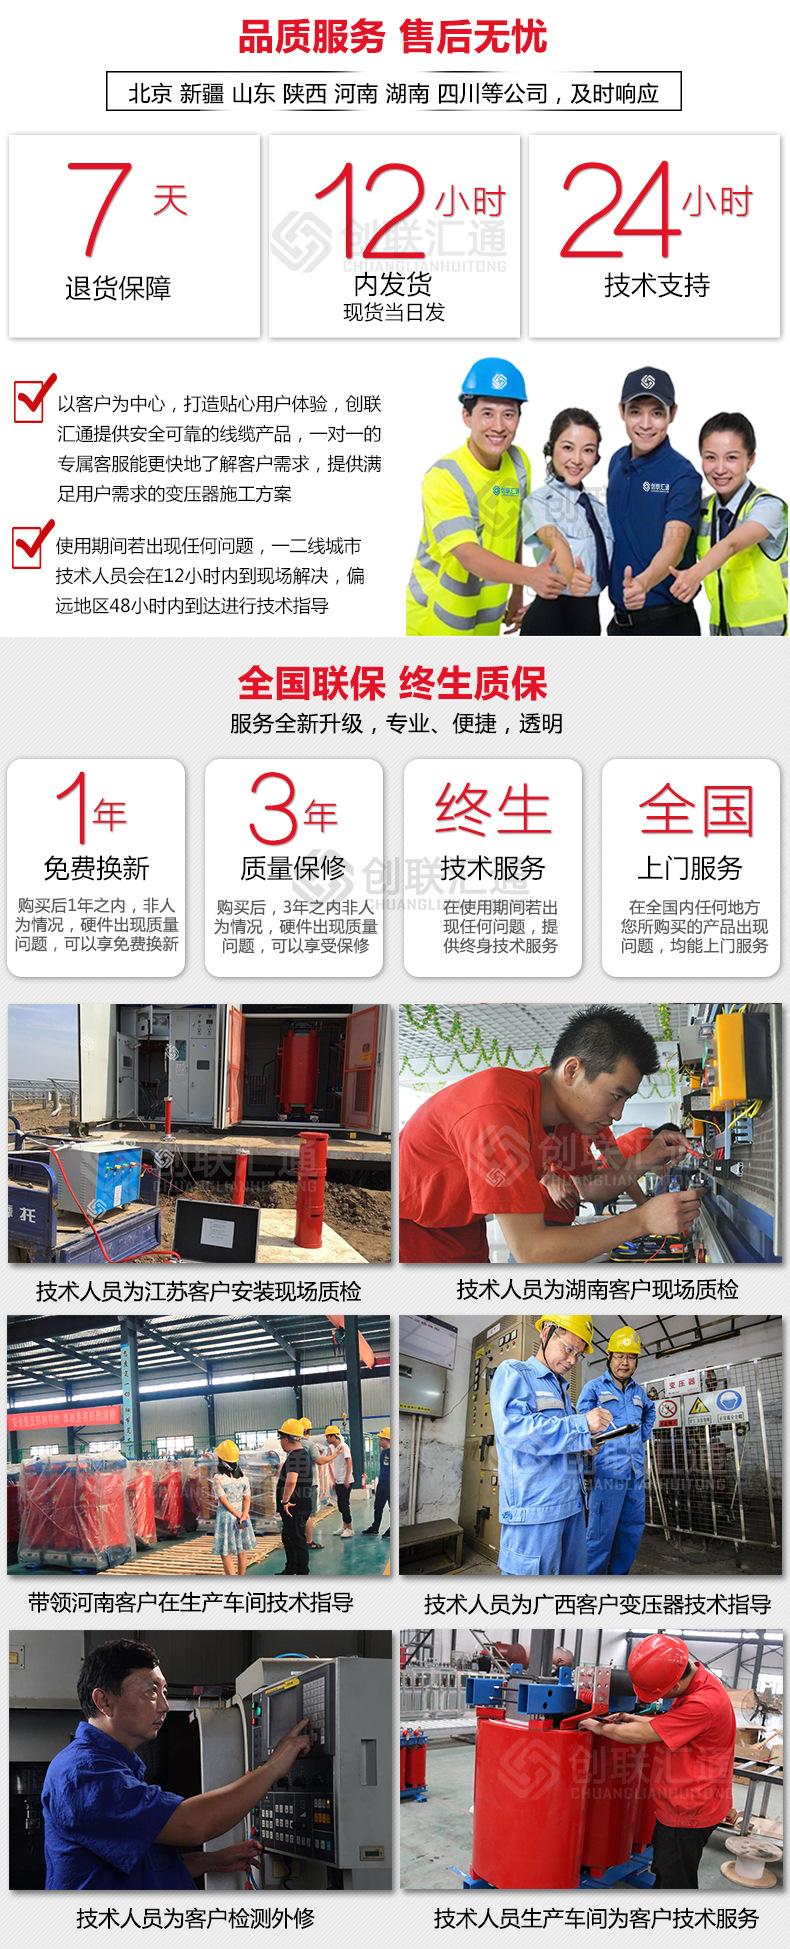 变压器有载调压SZ11 10kv有载调压变压器全铜材质厂家直销可定制-创联汇通示例图14